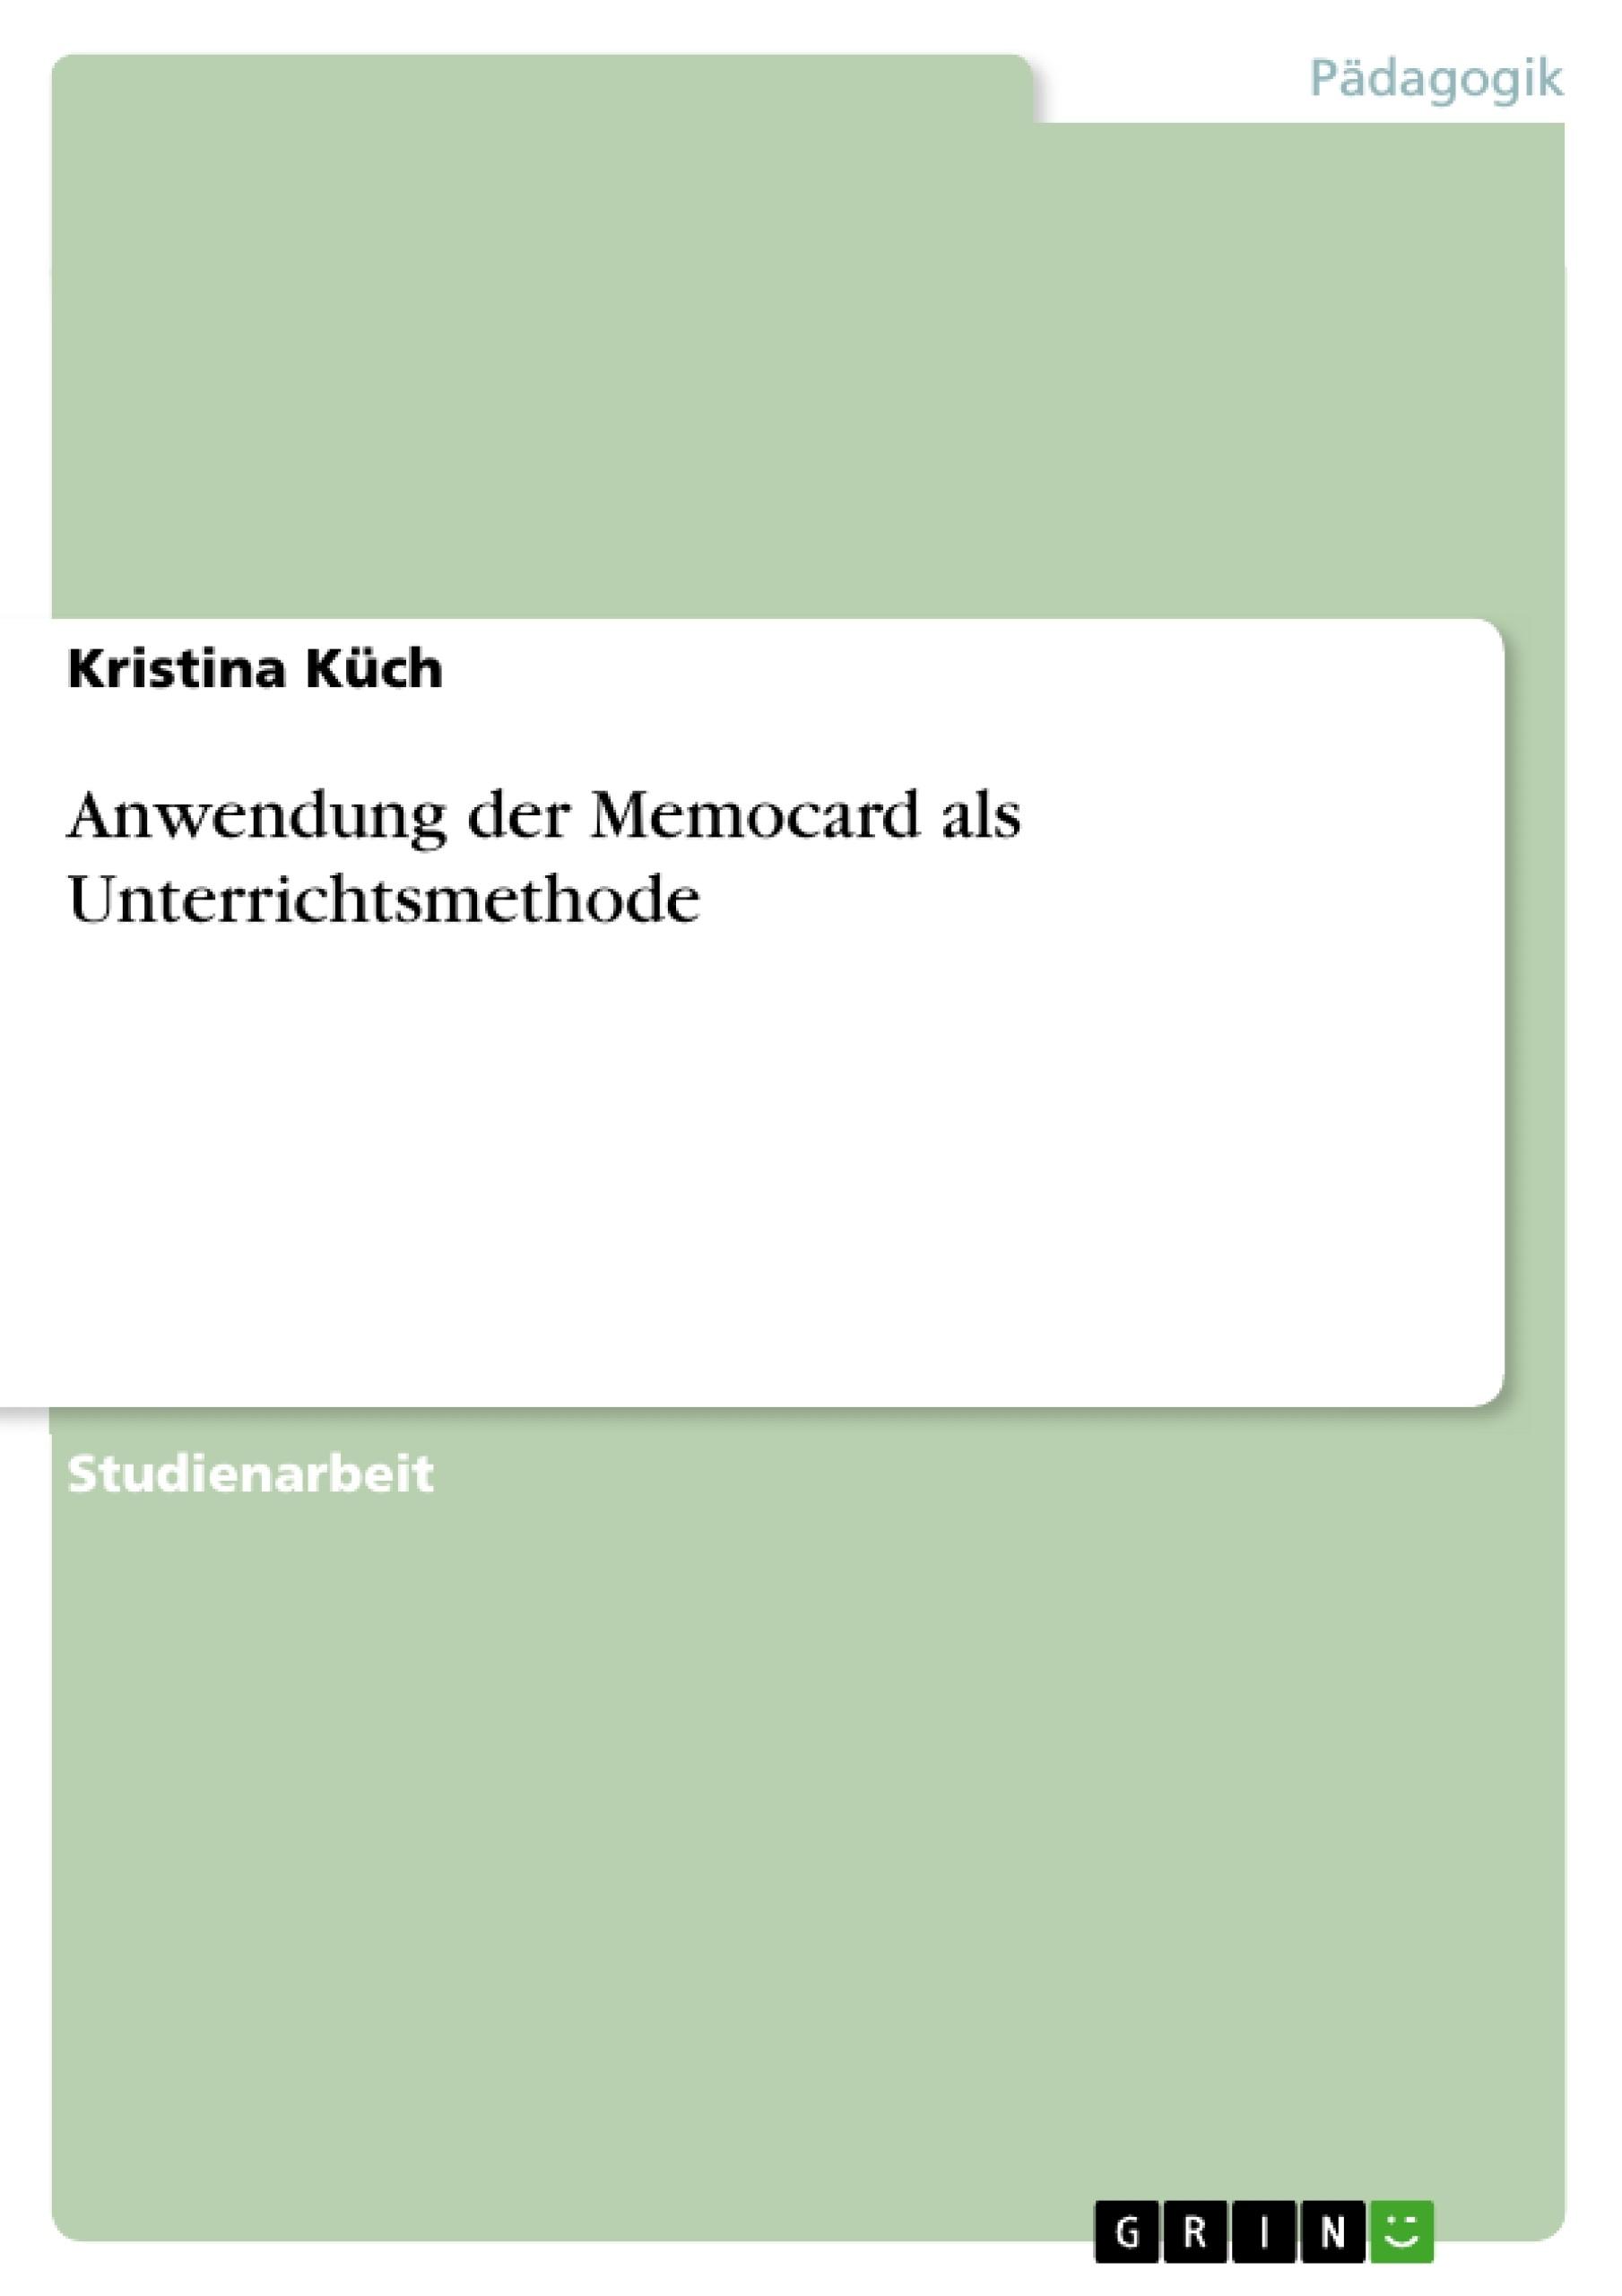 Titel: Anwendung der Memocard als Unterrichtsmethode